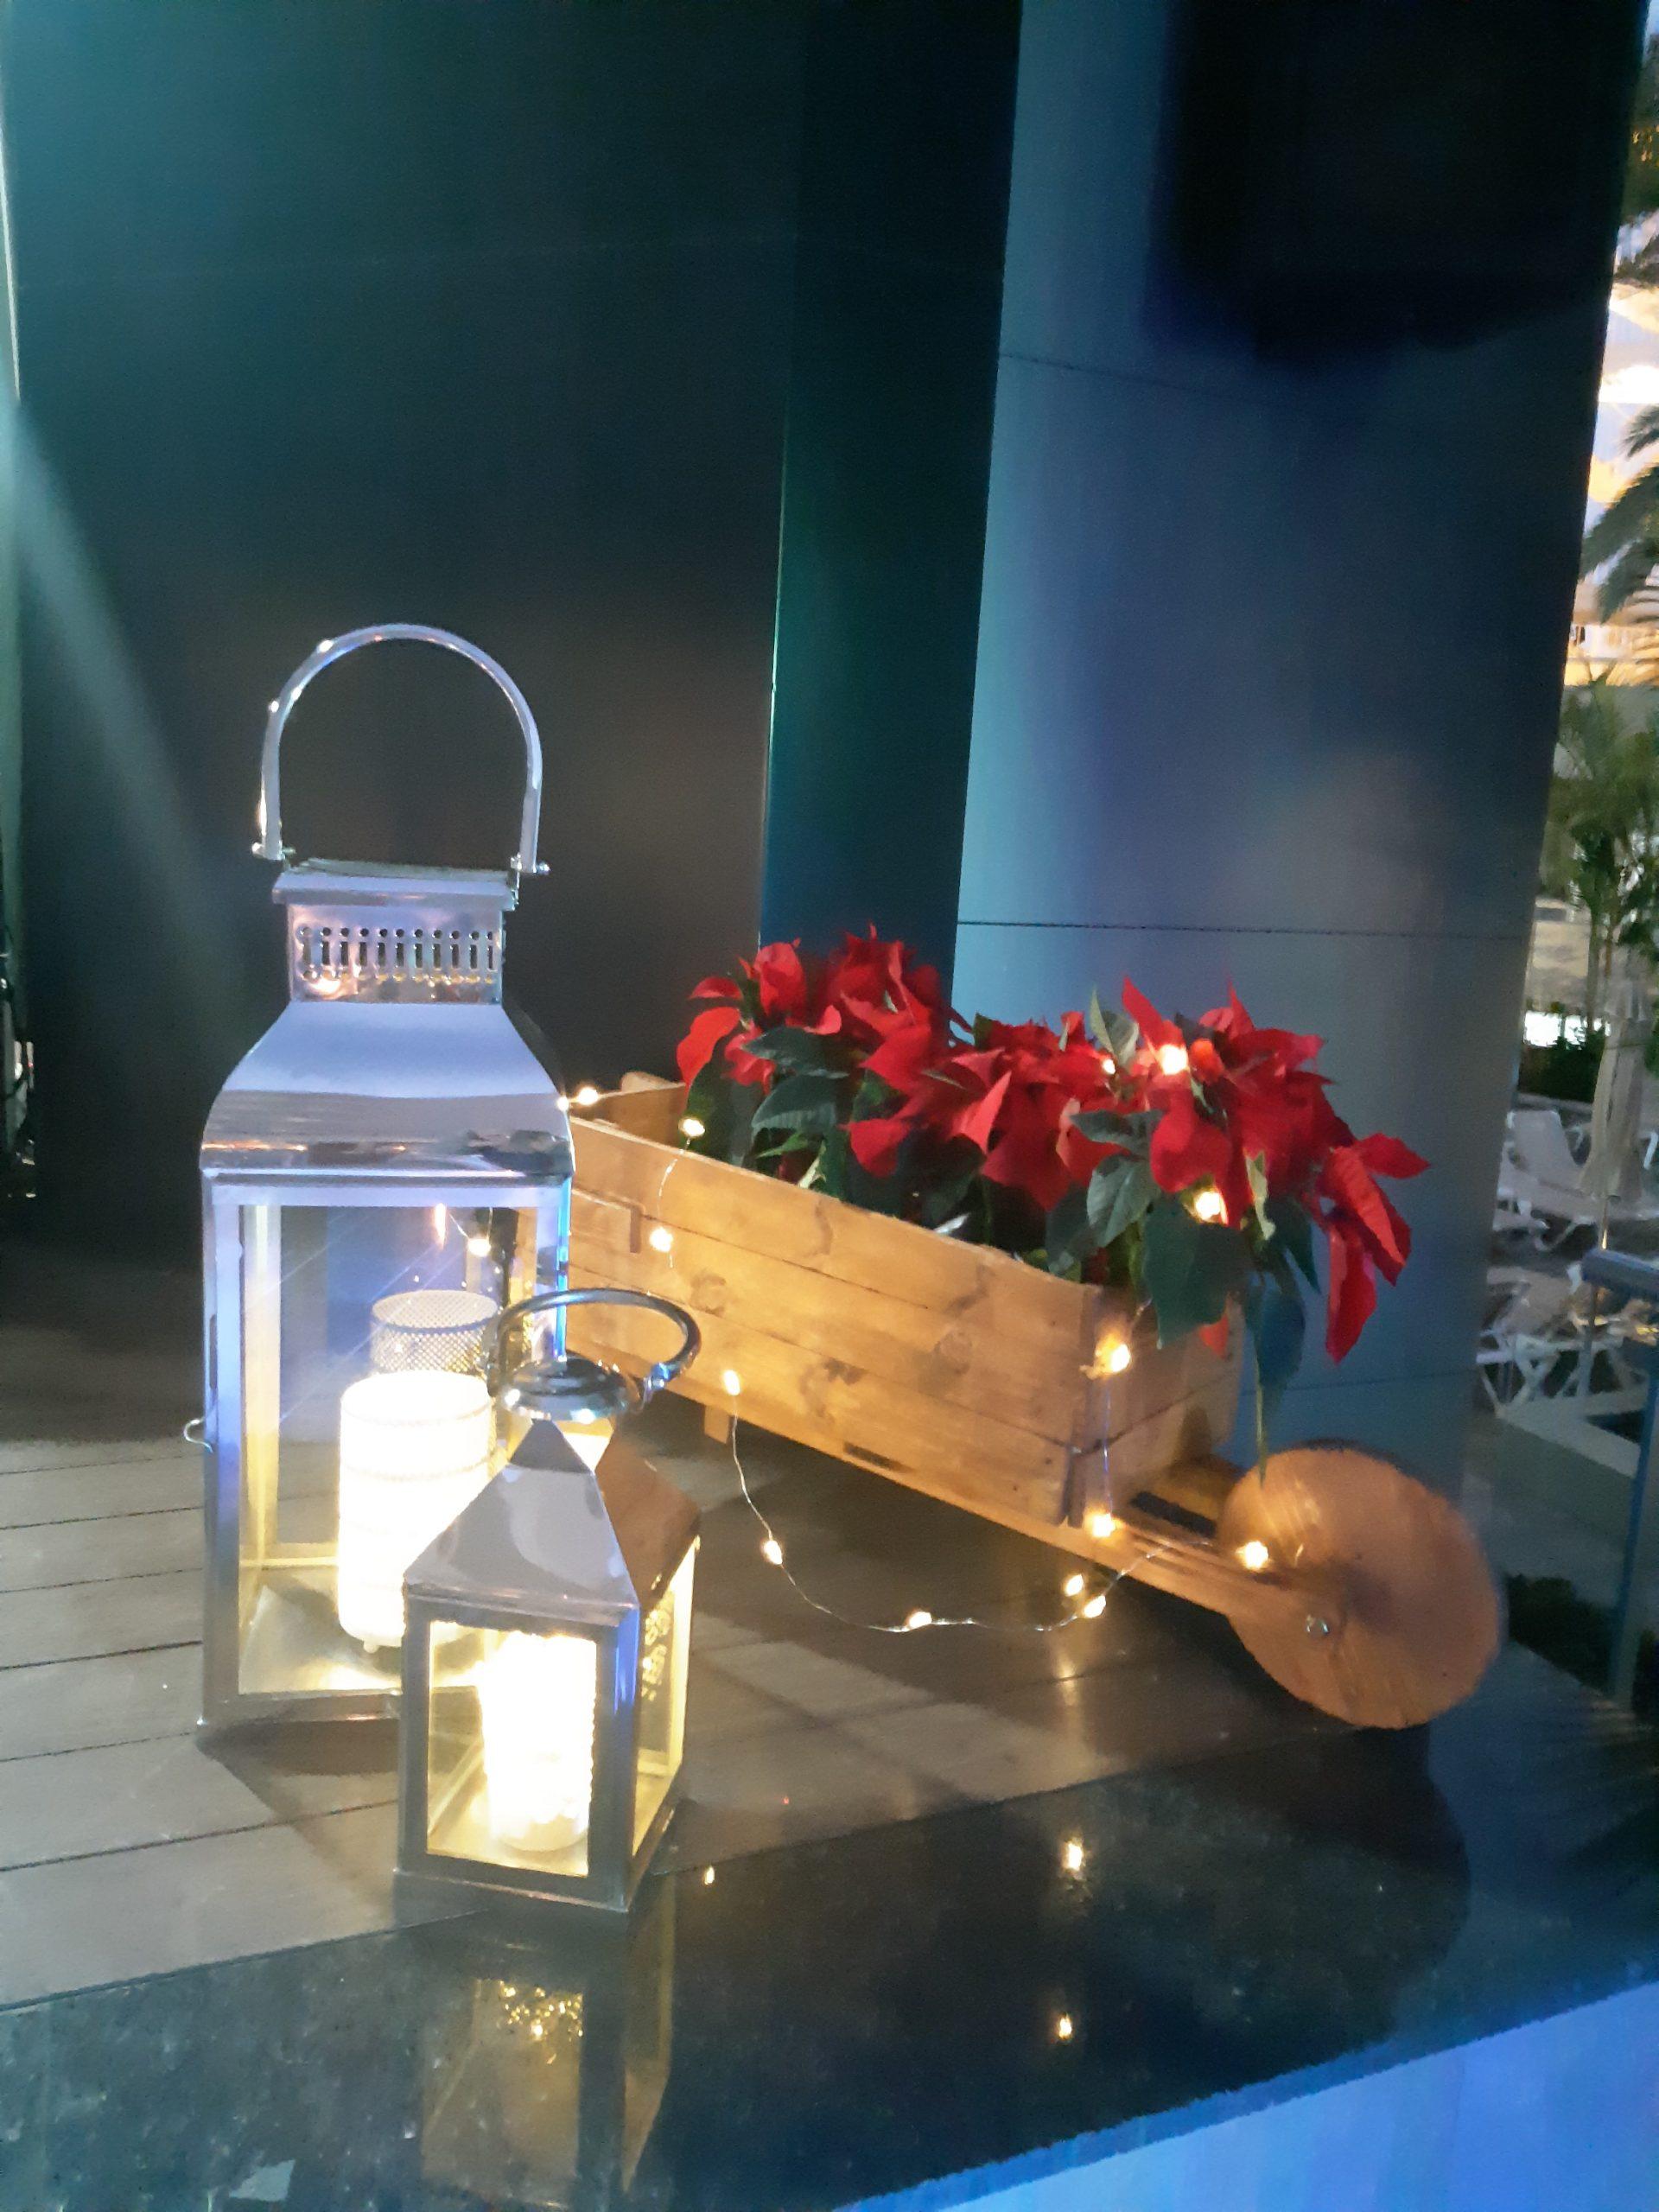 El hotel Riu Don Miguel ha realizado la decoración navideña con material reciclado.